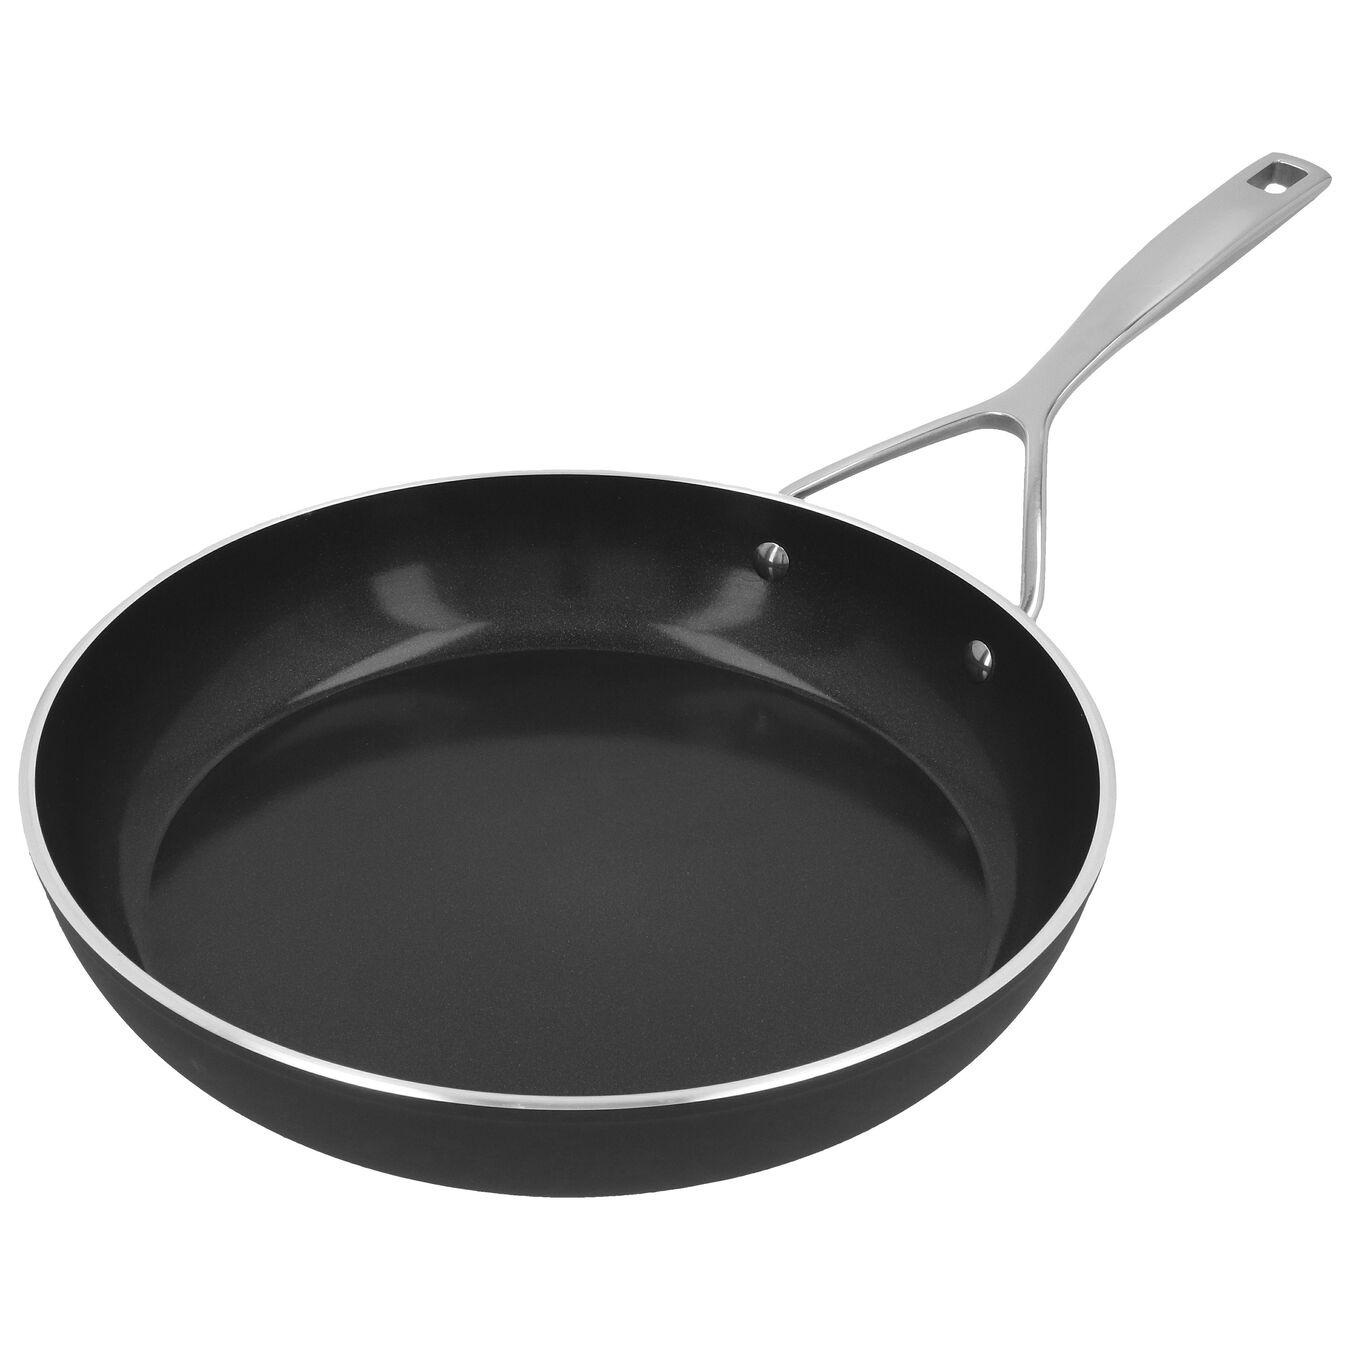 Koekenpan Zwart 28 cm,,large 2